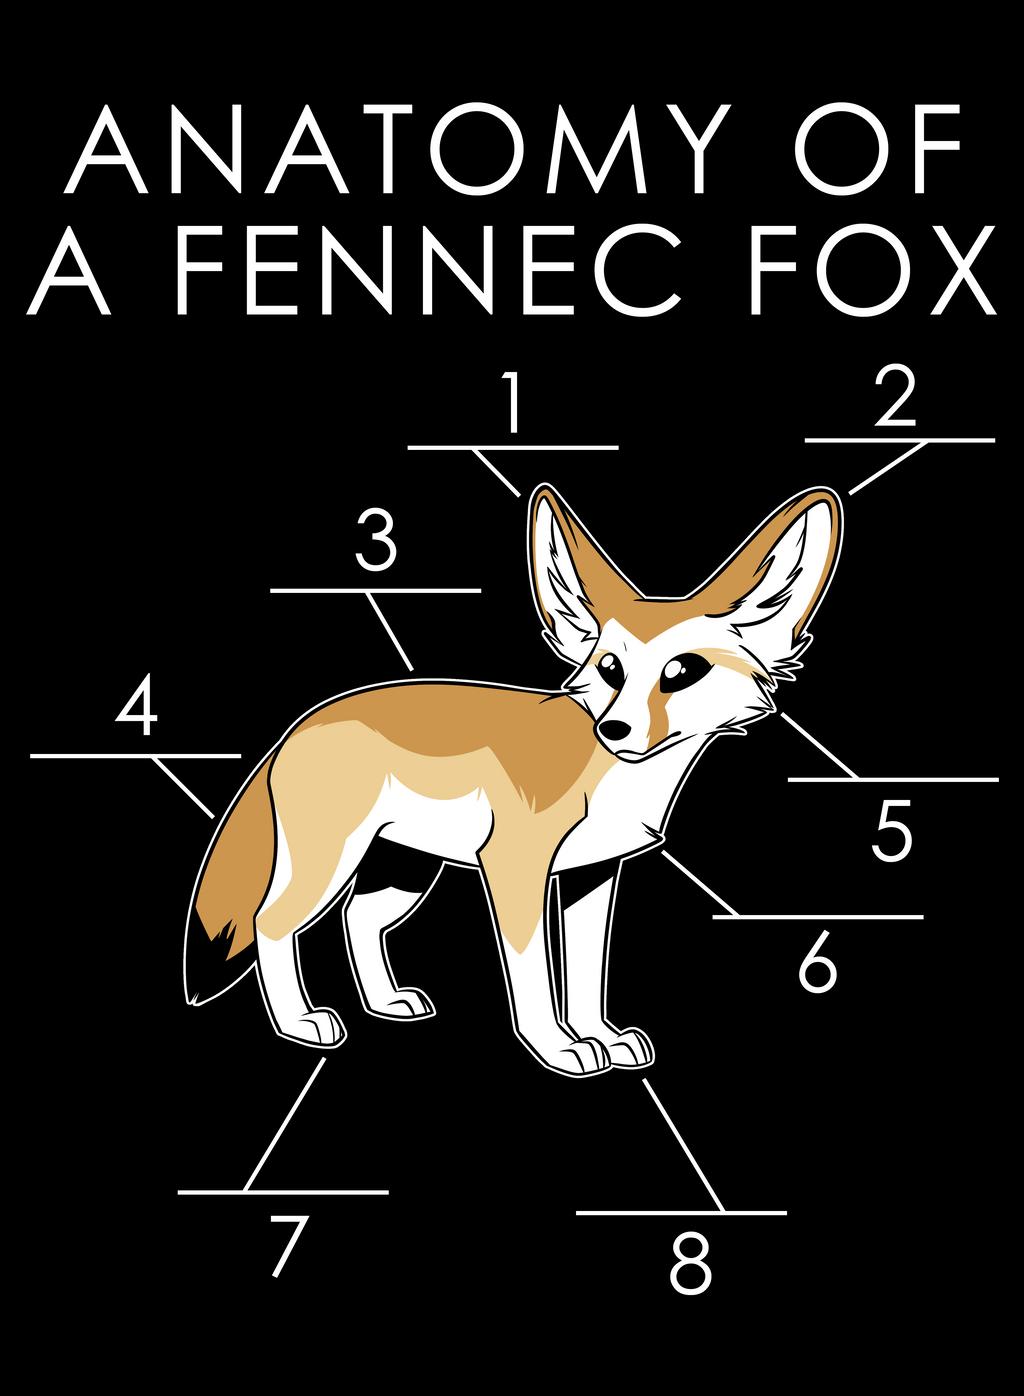 Anatomy of a Fennec Fox by artwork-tee